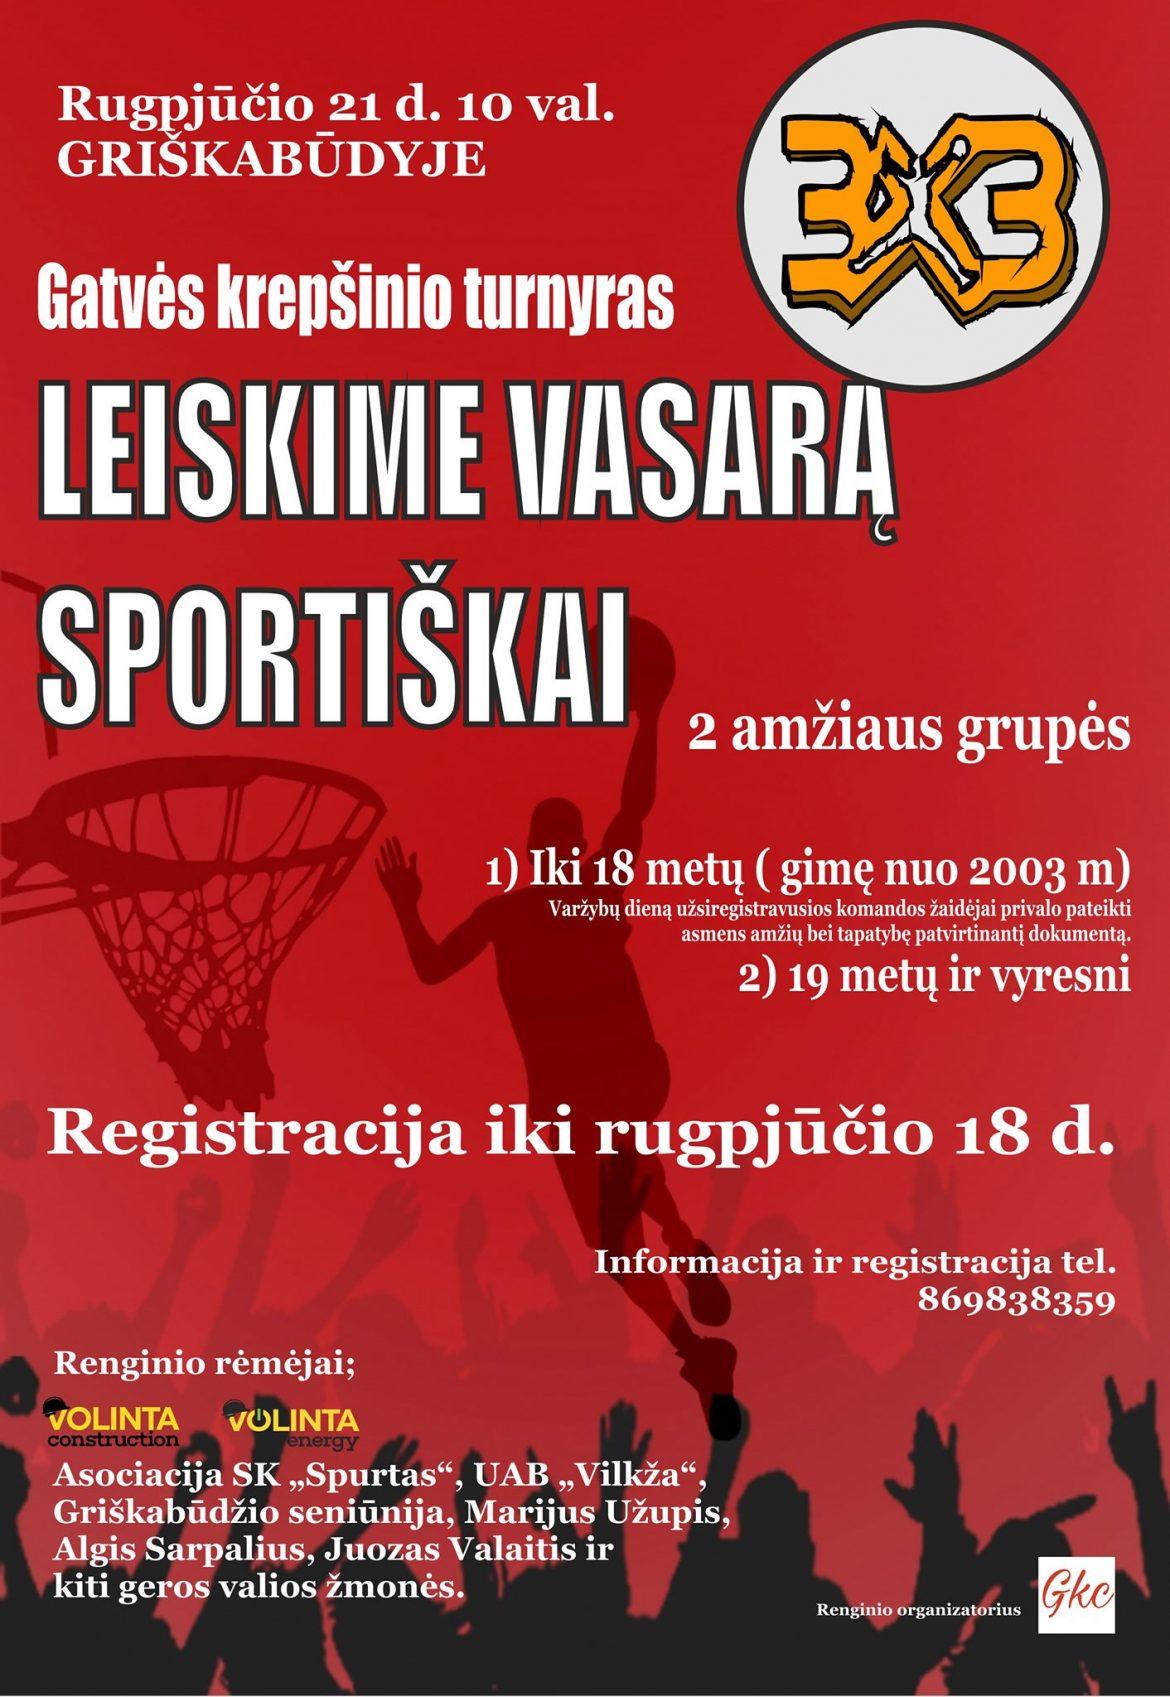 Gatvės krepšinio turnyras